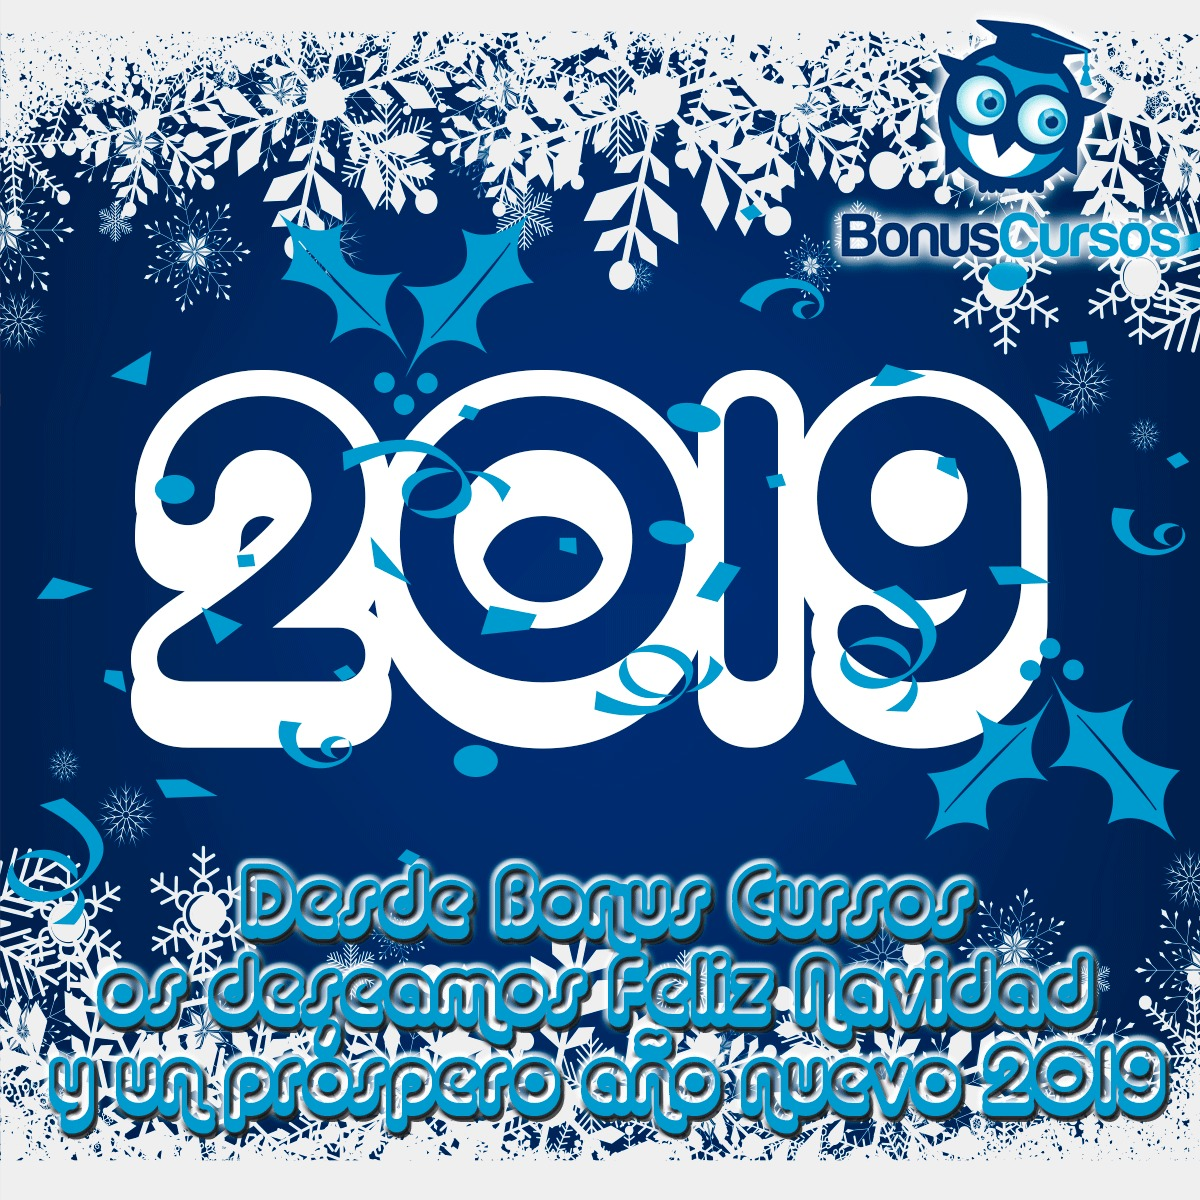 Feliz Navidad y Próspero Año 2019   Feliz Navidad y Próspero Año 2019 felicitacion navidad bonuscursos